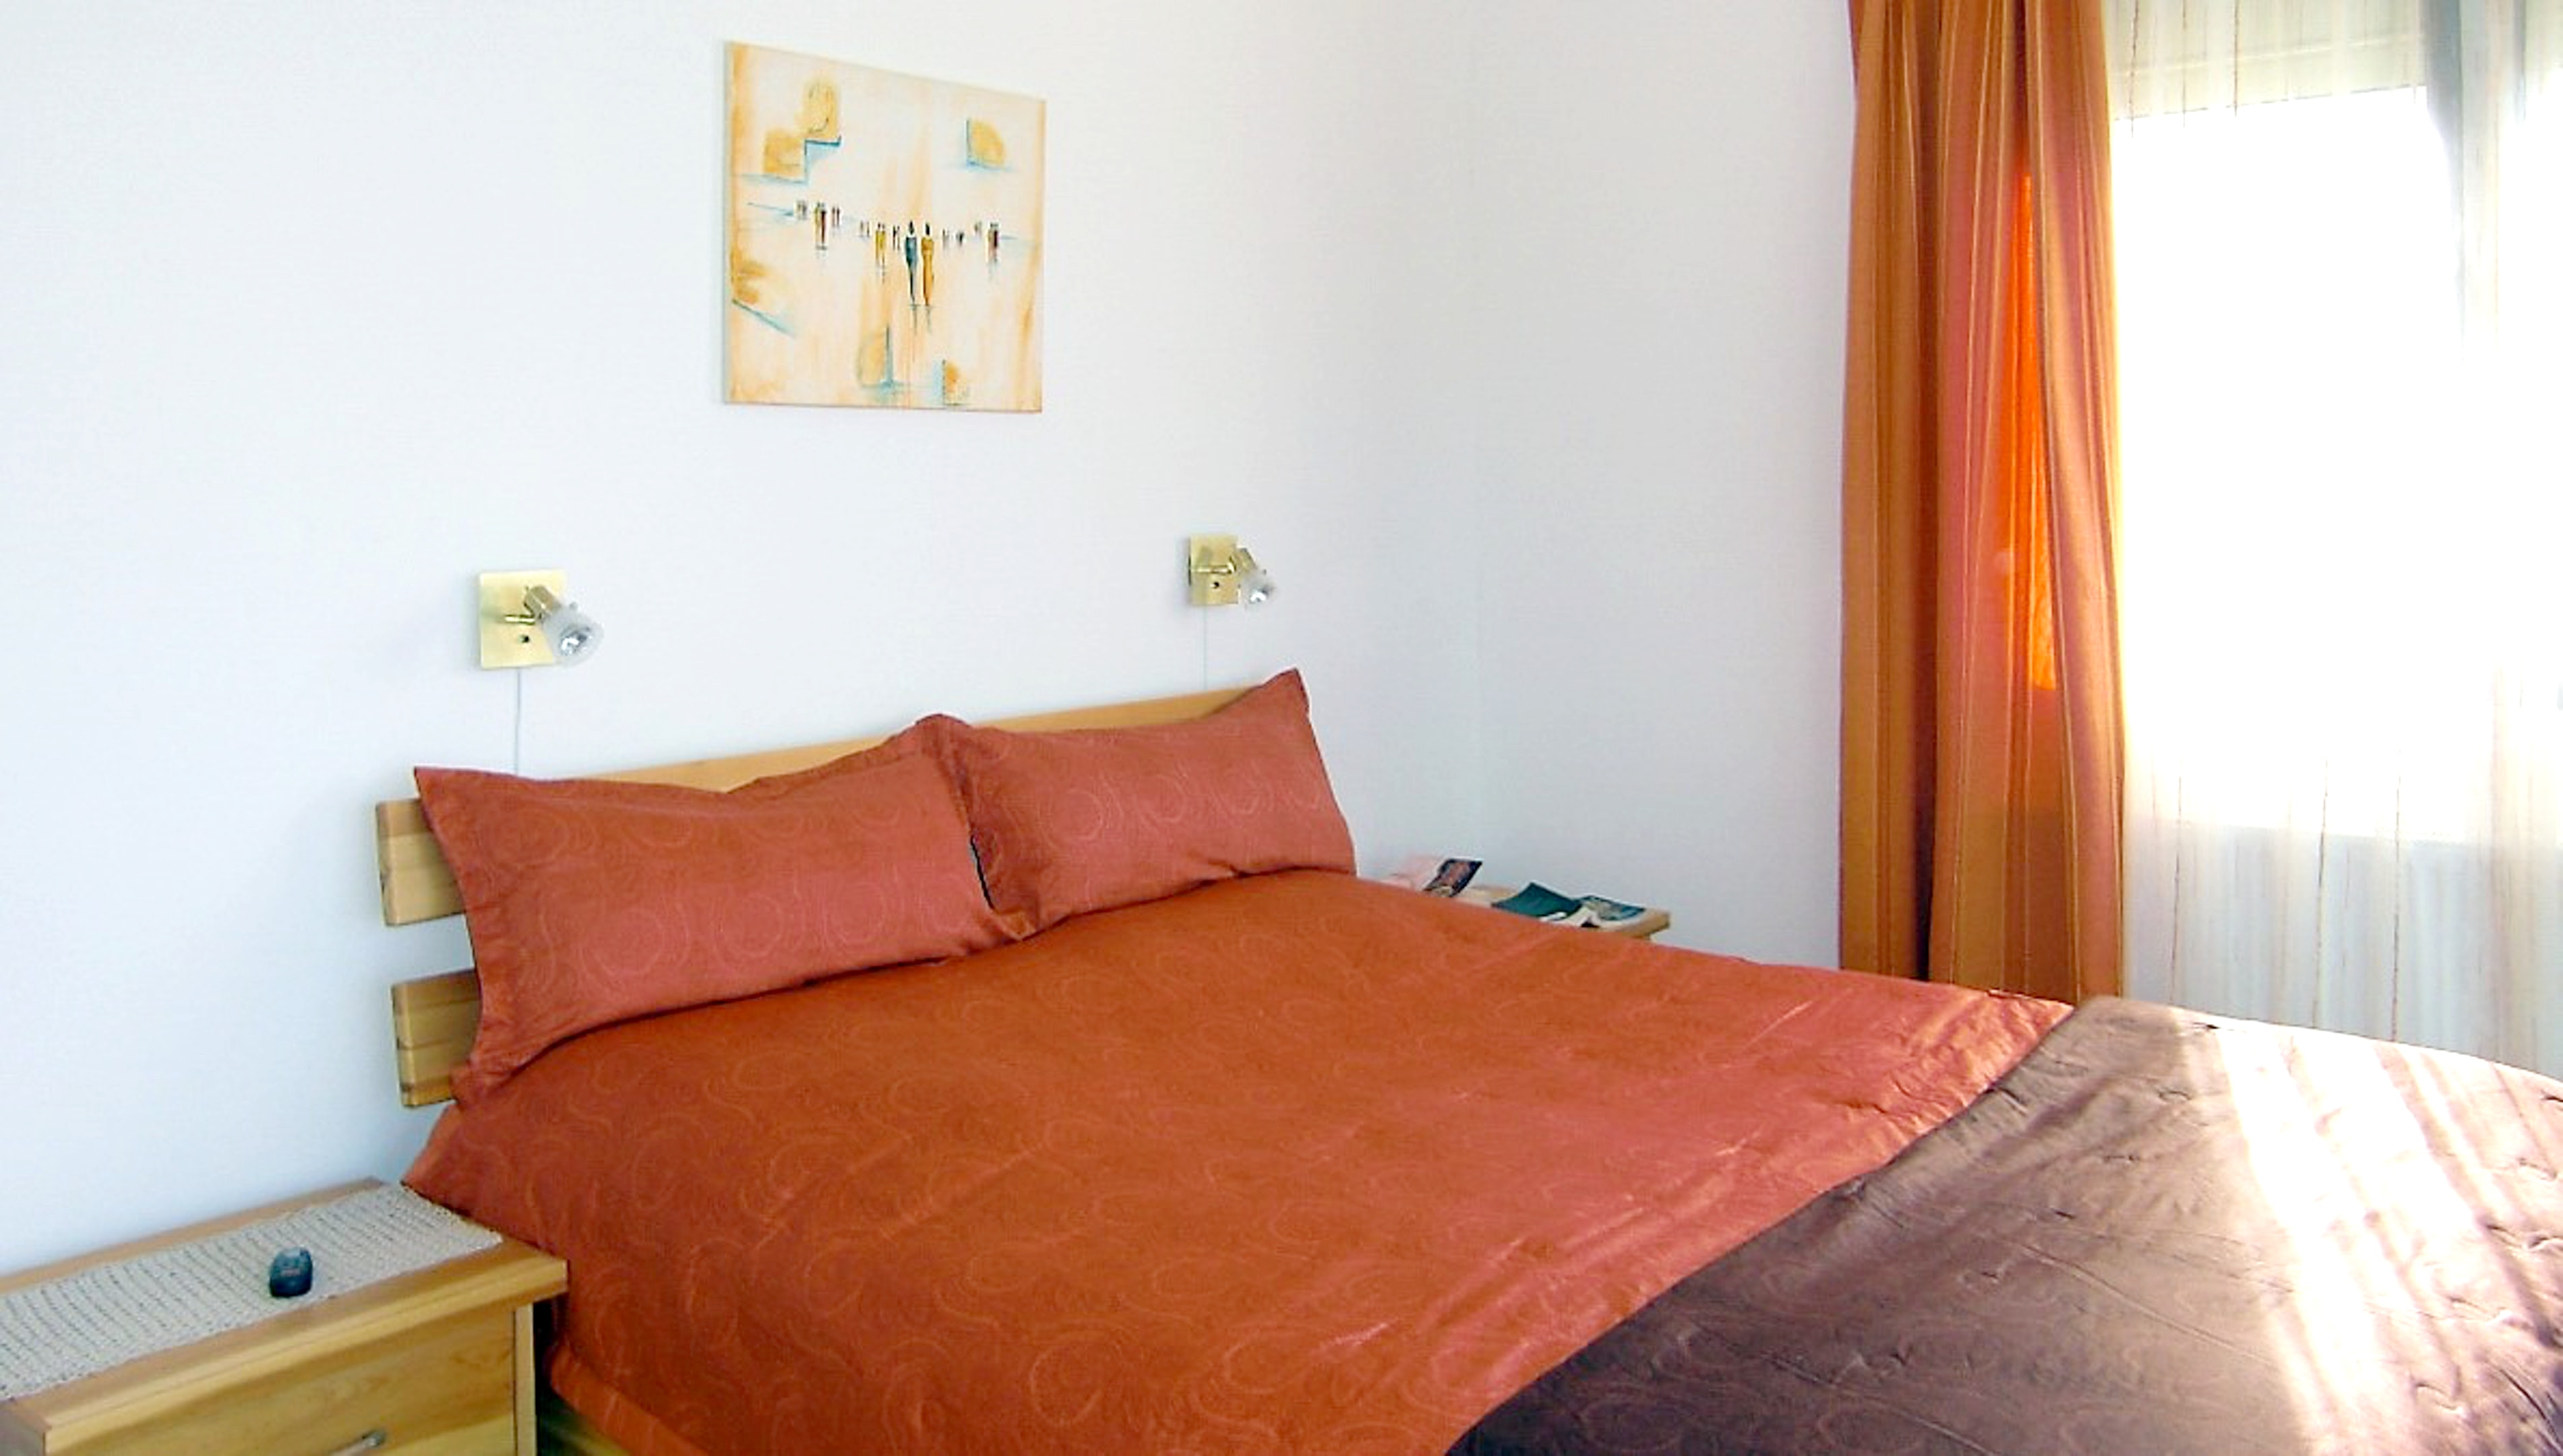 Ferienhaus Villa mit 3 Schlafzimmern in Turgutreis,Bodrum mit herrlichem Meerblick, Pool, eingezäunte (2202326), Turgutreis, , Ägäisregion, Türkei, Bild 17